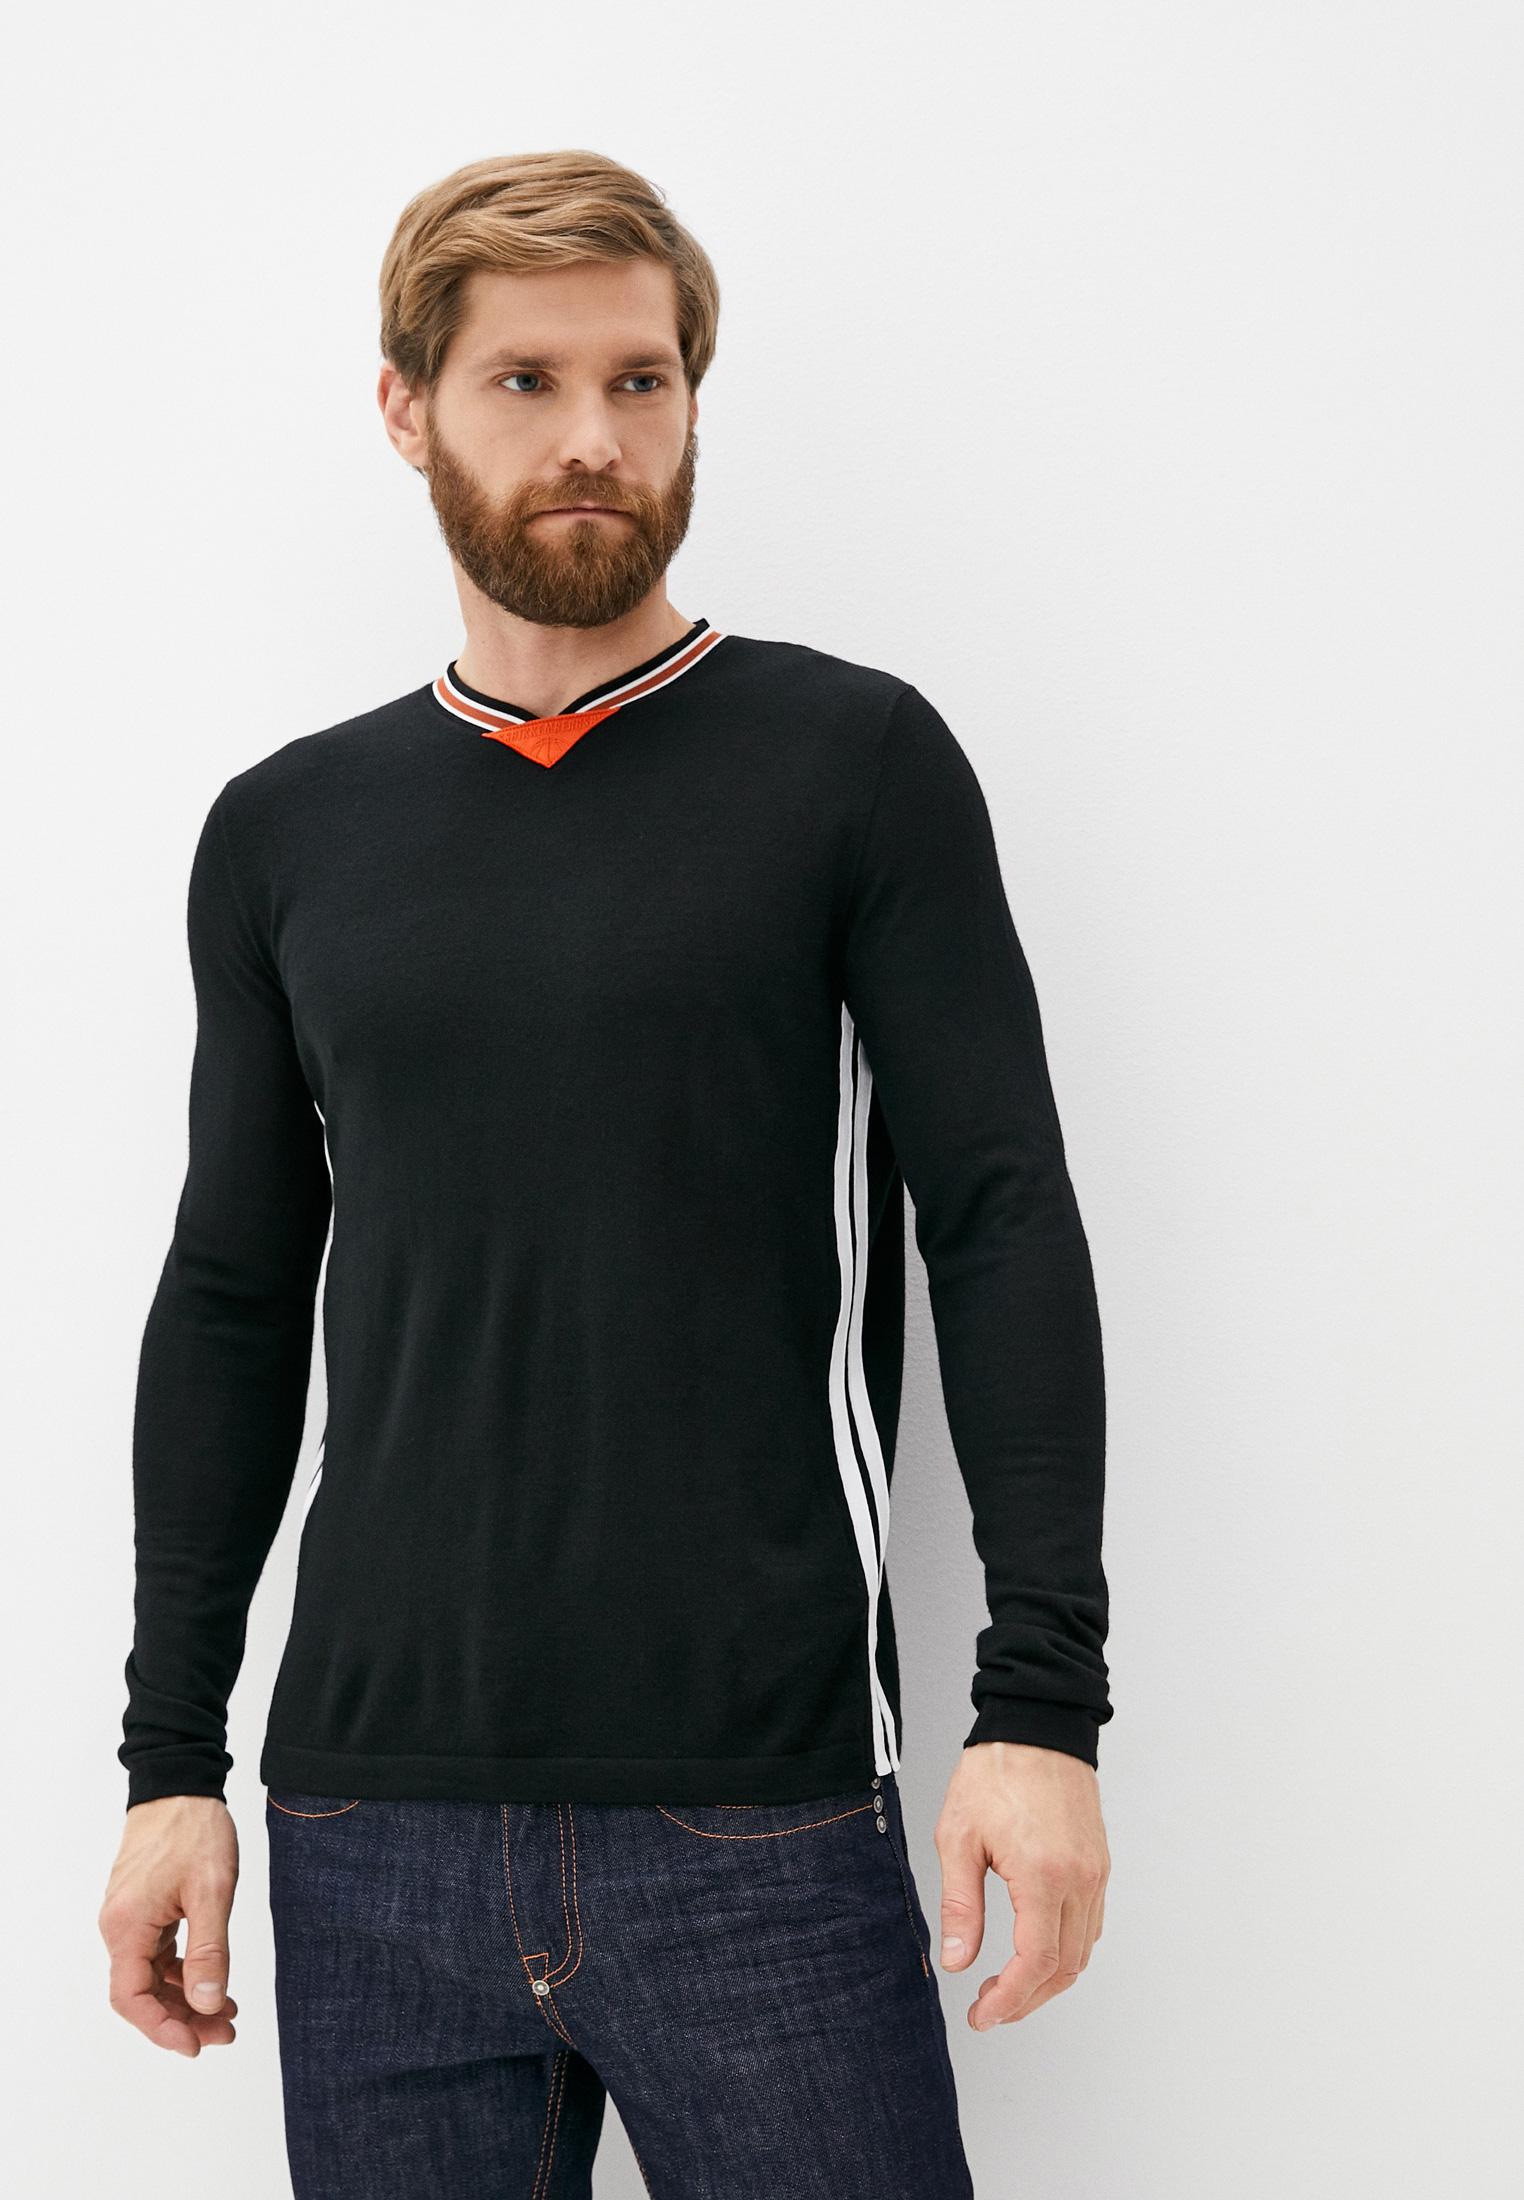 Пуловер Bikkembergs (Биккембергс) c s v21 10 x 1306: изображение 1